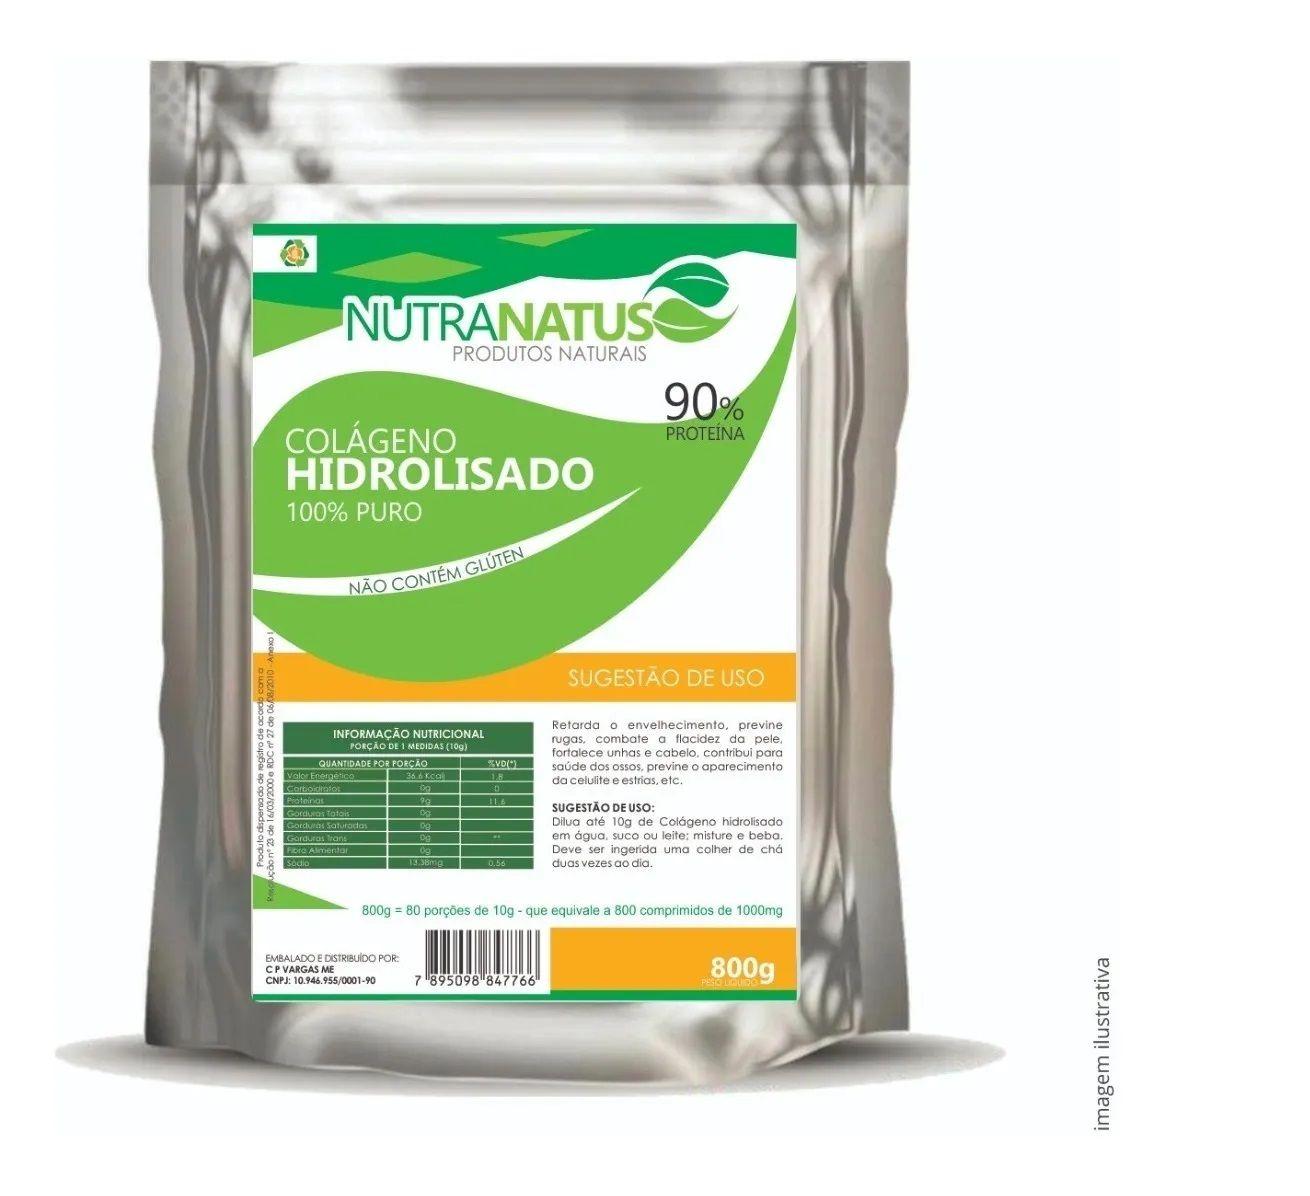 Colageno Hidrolisado 800g Puro 90% Proteína